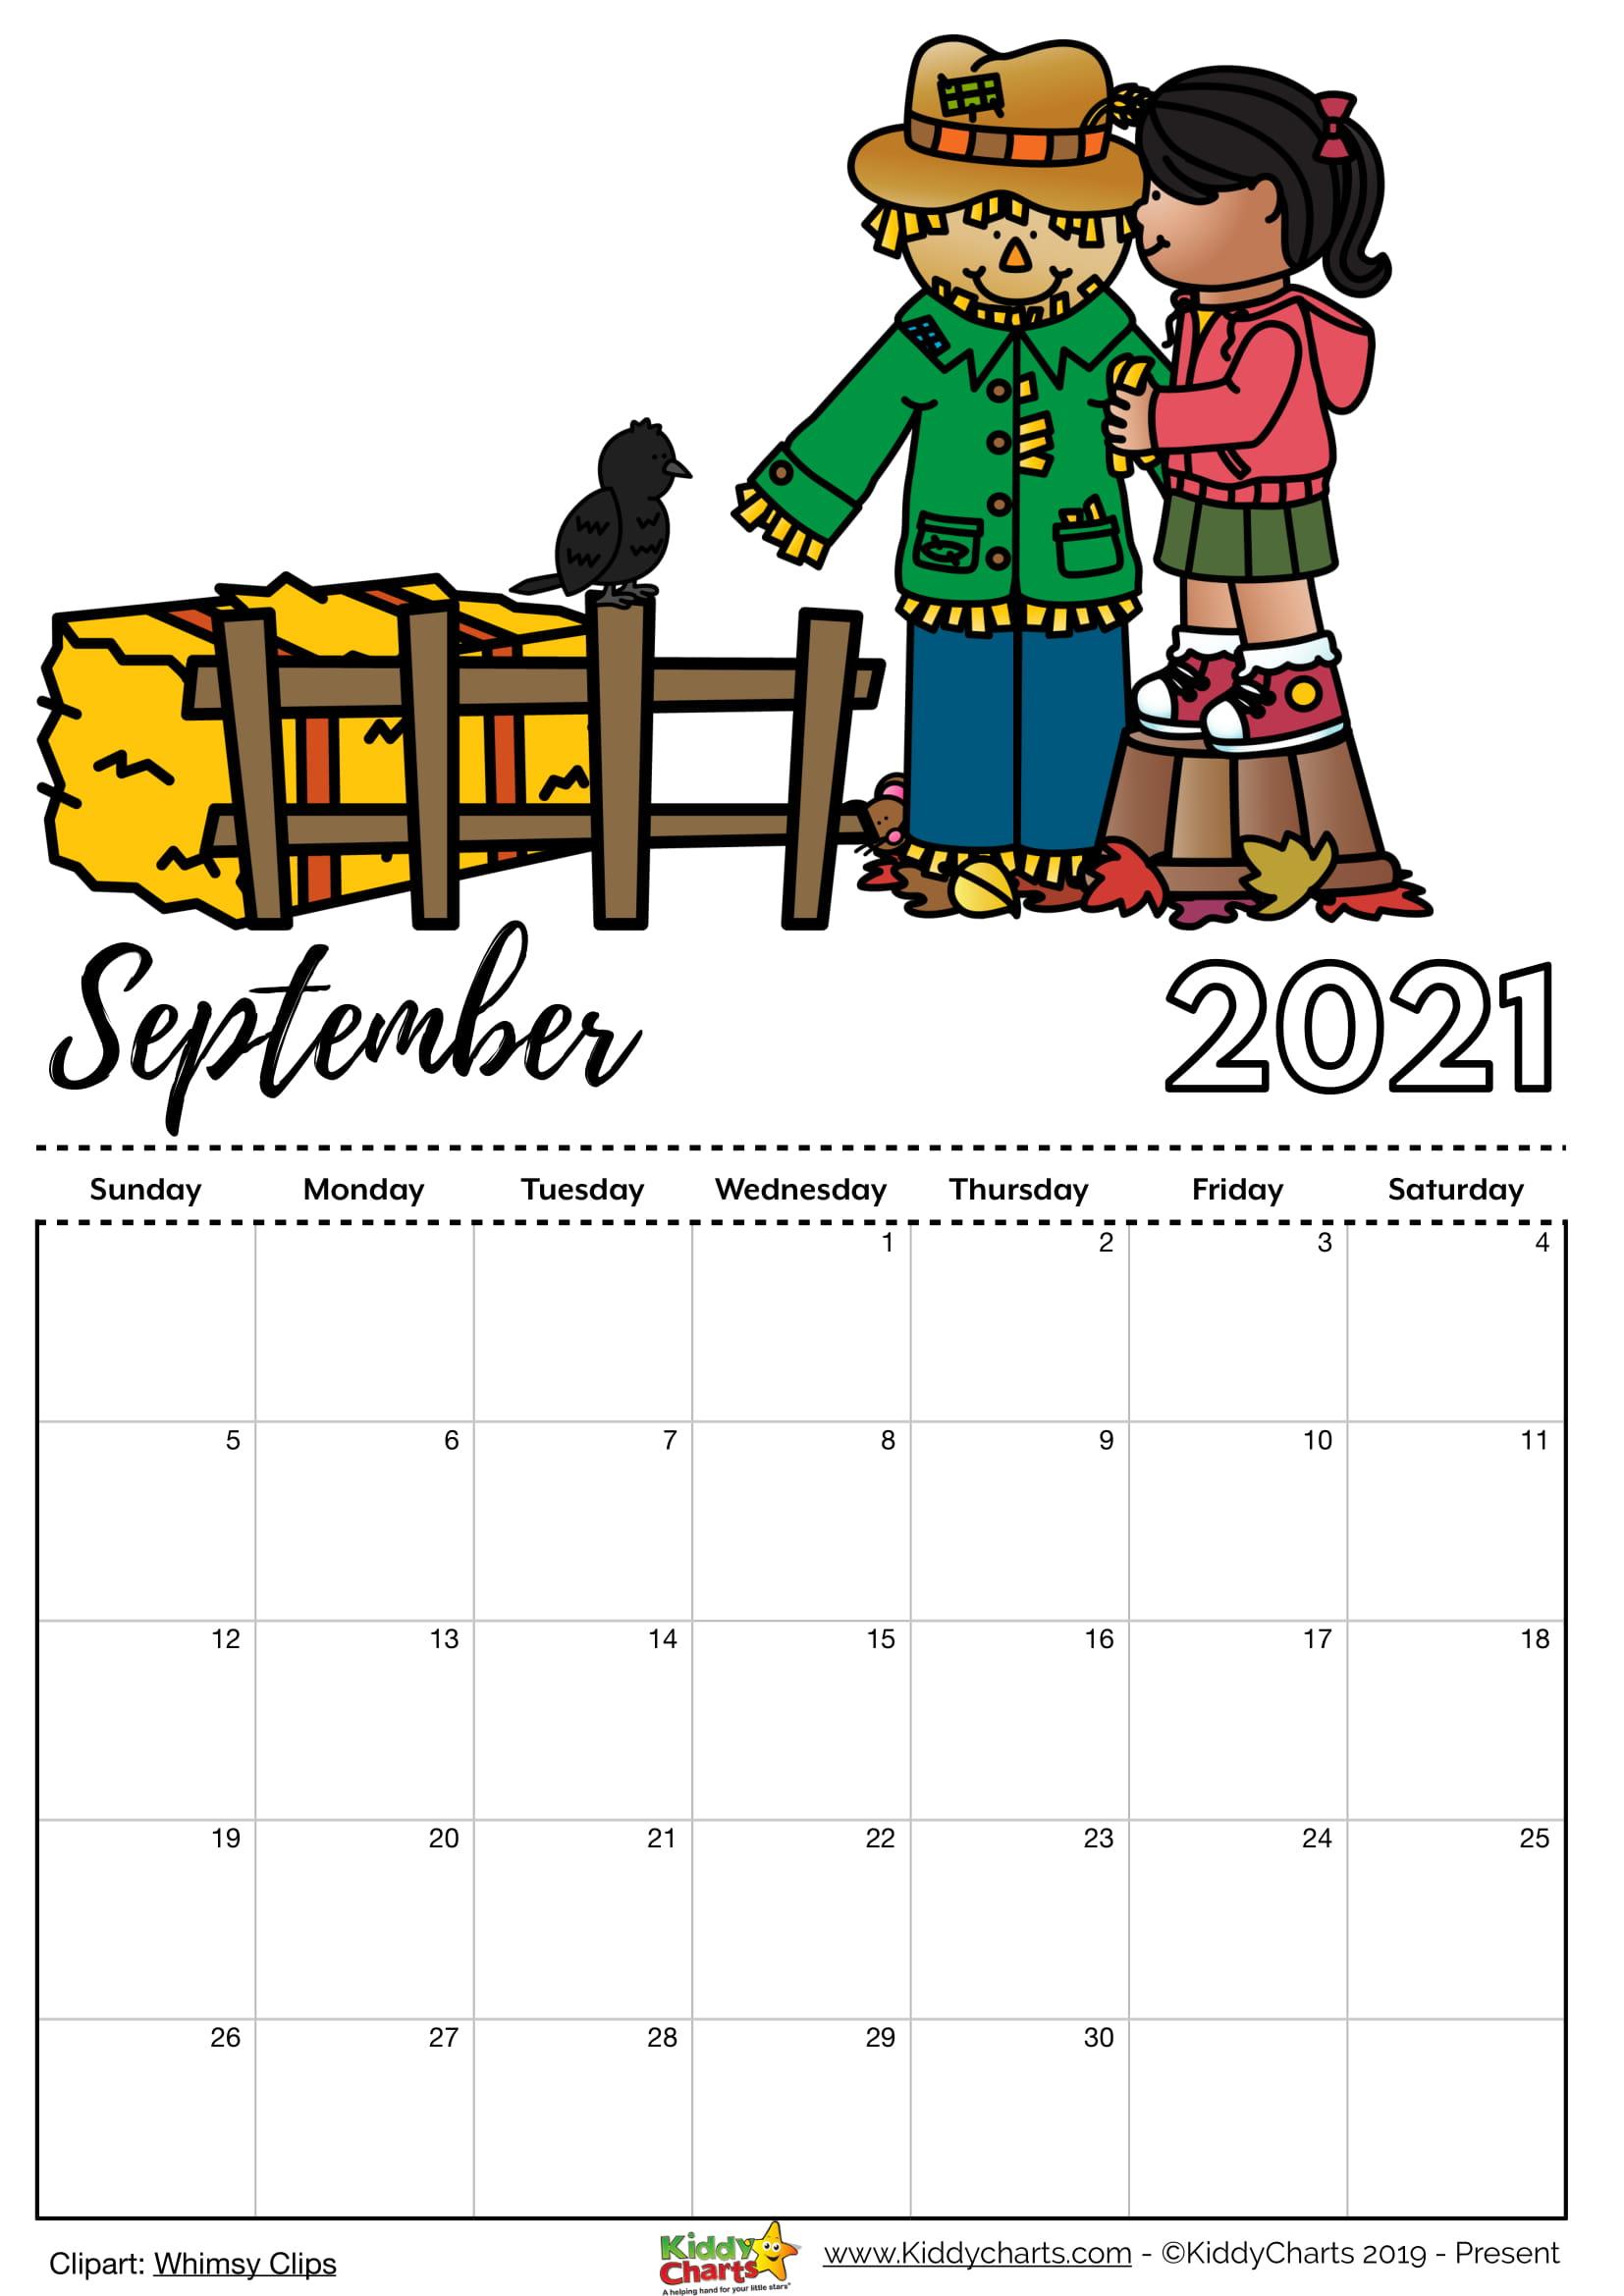 Kids Printable Calendar Forseptember 2021 | 2022 Calendar